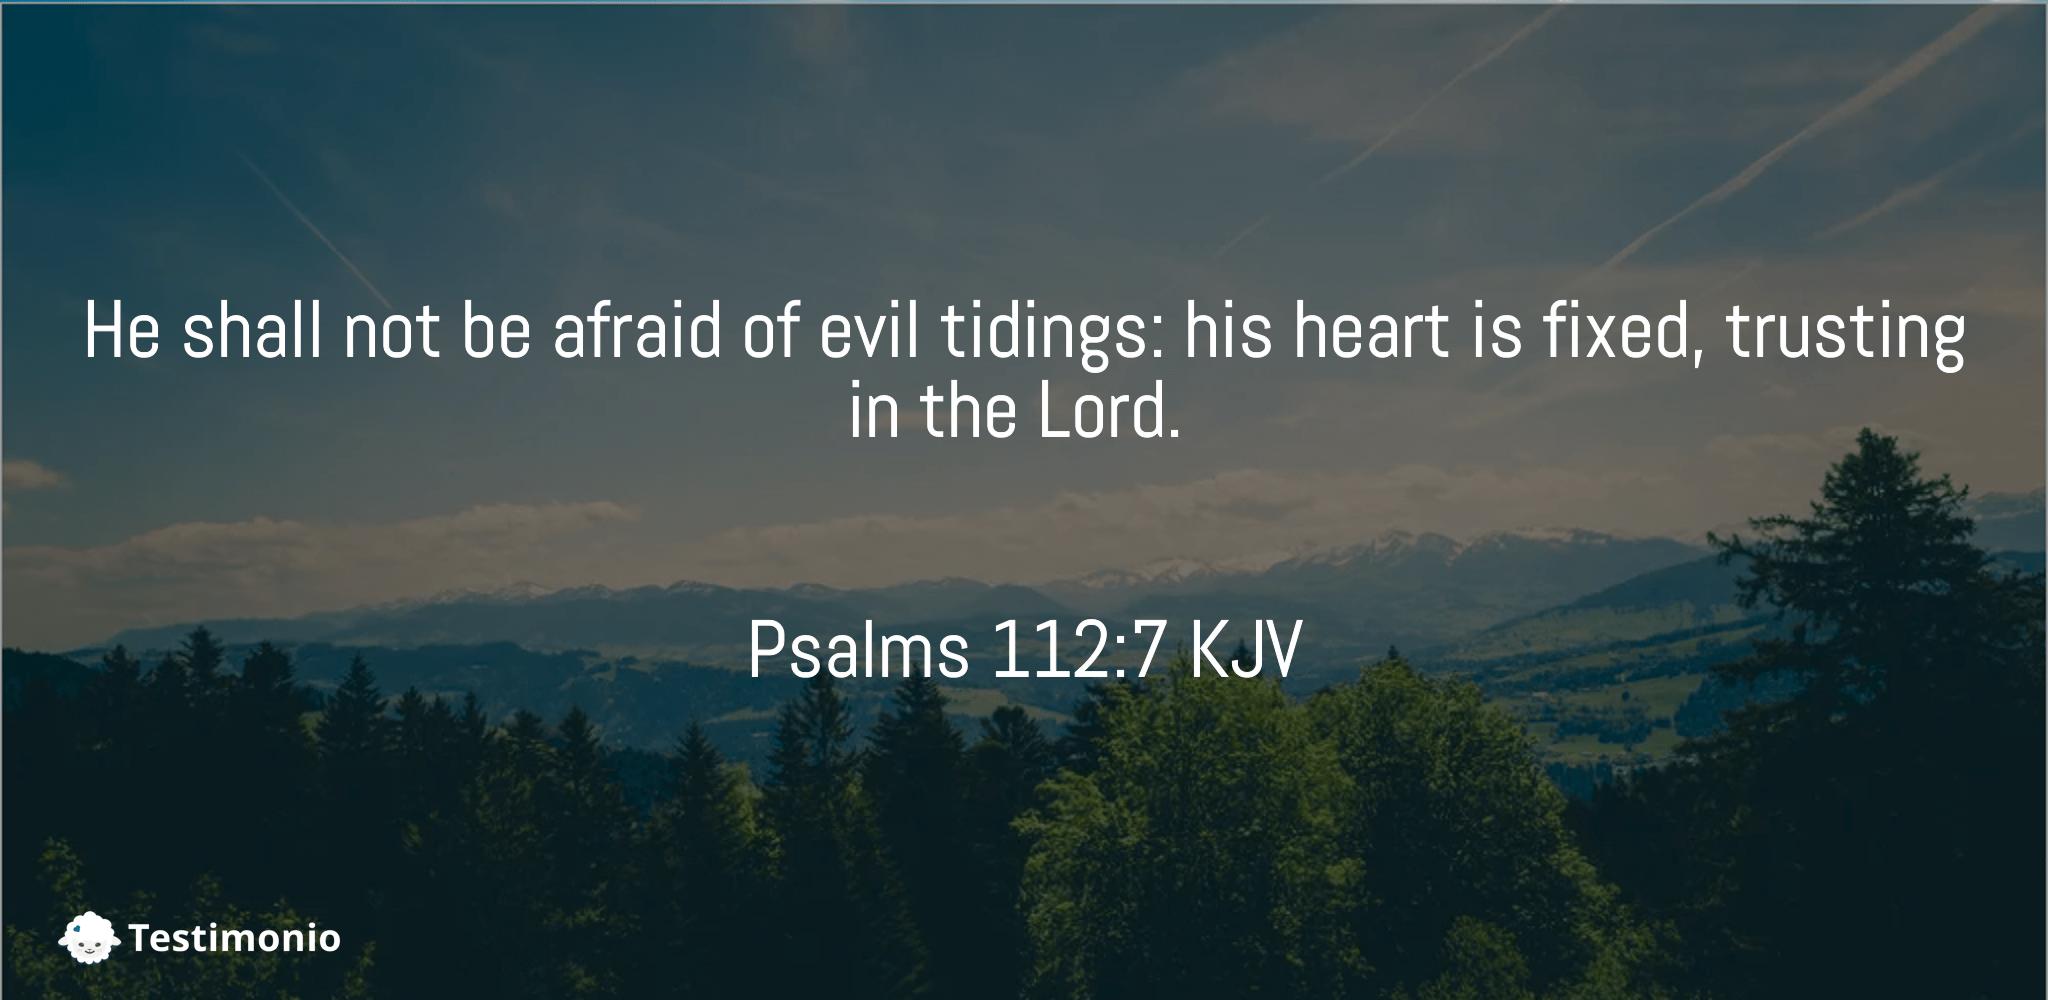 Psalms 112:7